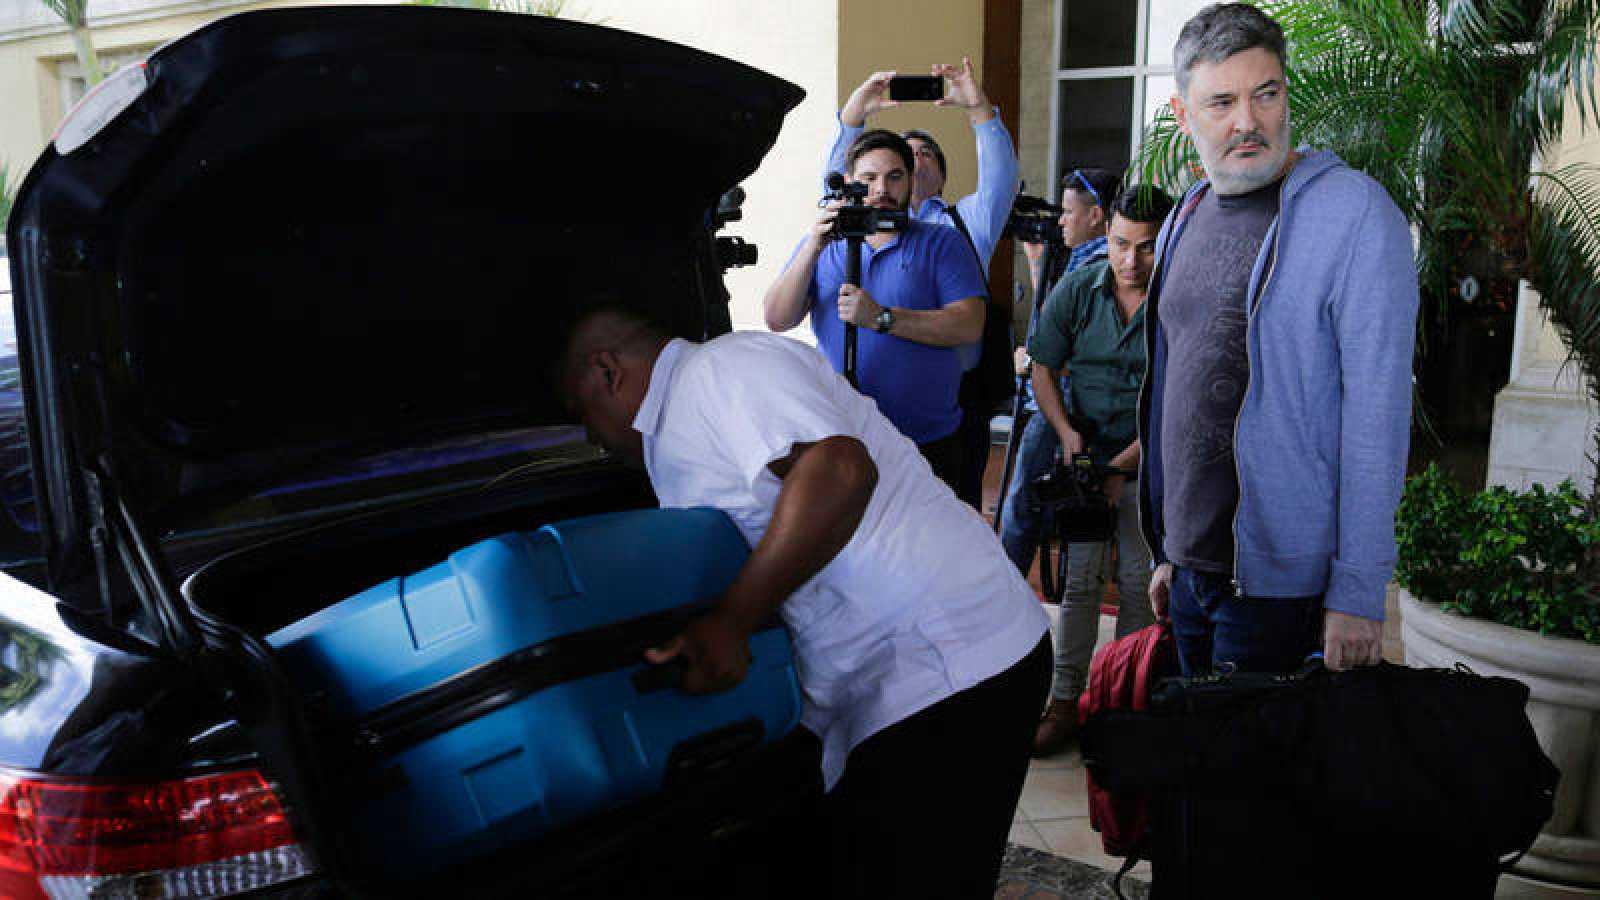 Pablo Parenti, miembro del GIEI, deja su hotel después de que el gobierno nicaragüense expulsara del país el seguimiento especial de la Comisión Interamericana de Derechos Humanos (CIDH).